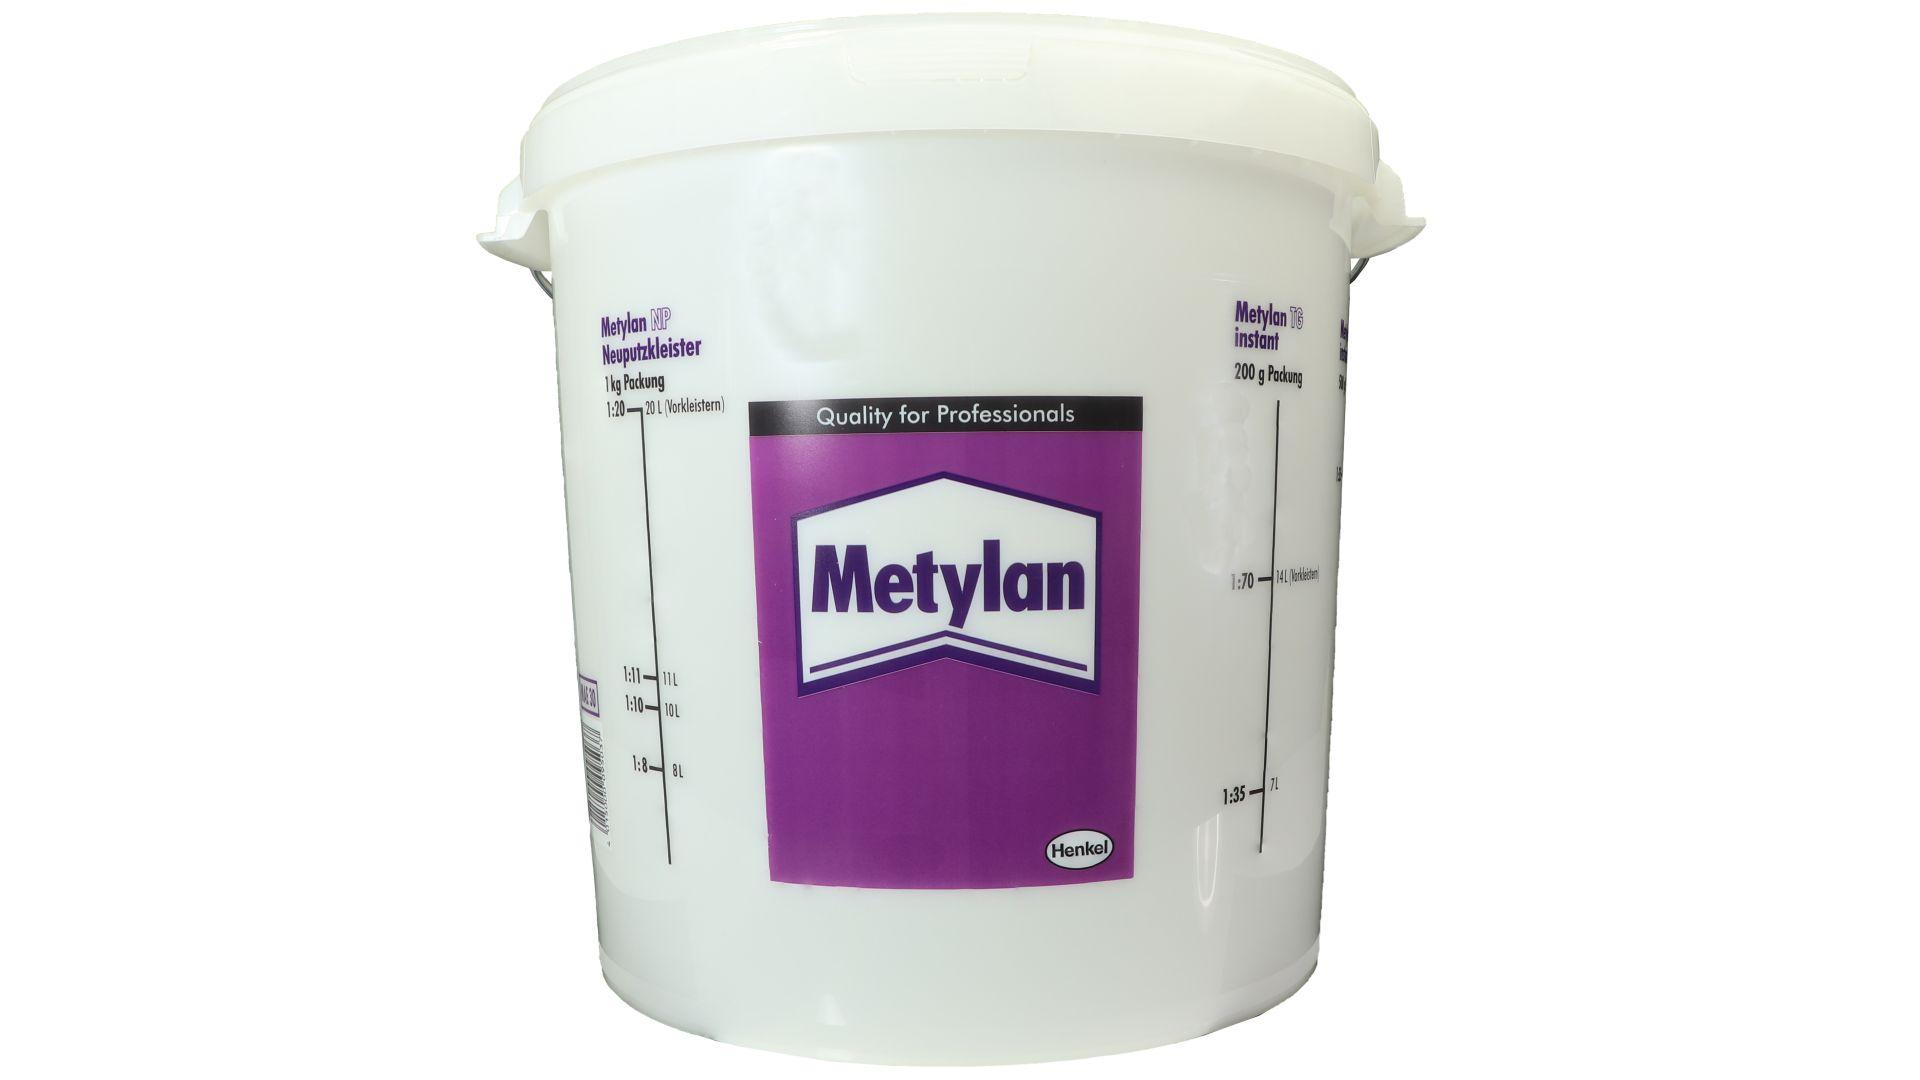 Metylan Tapeziereimer, Anrühreimer, Kunststoff, transparent, rund, 30 l